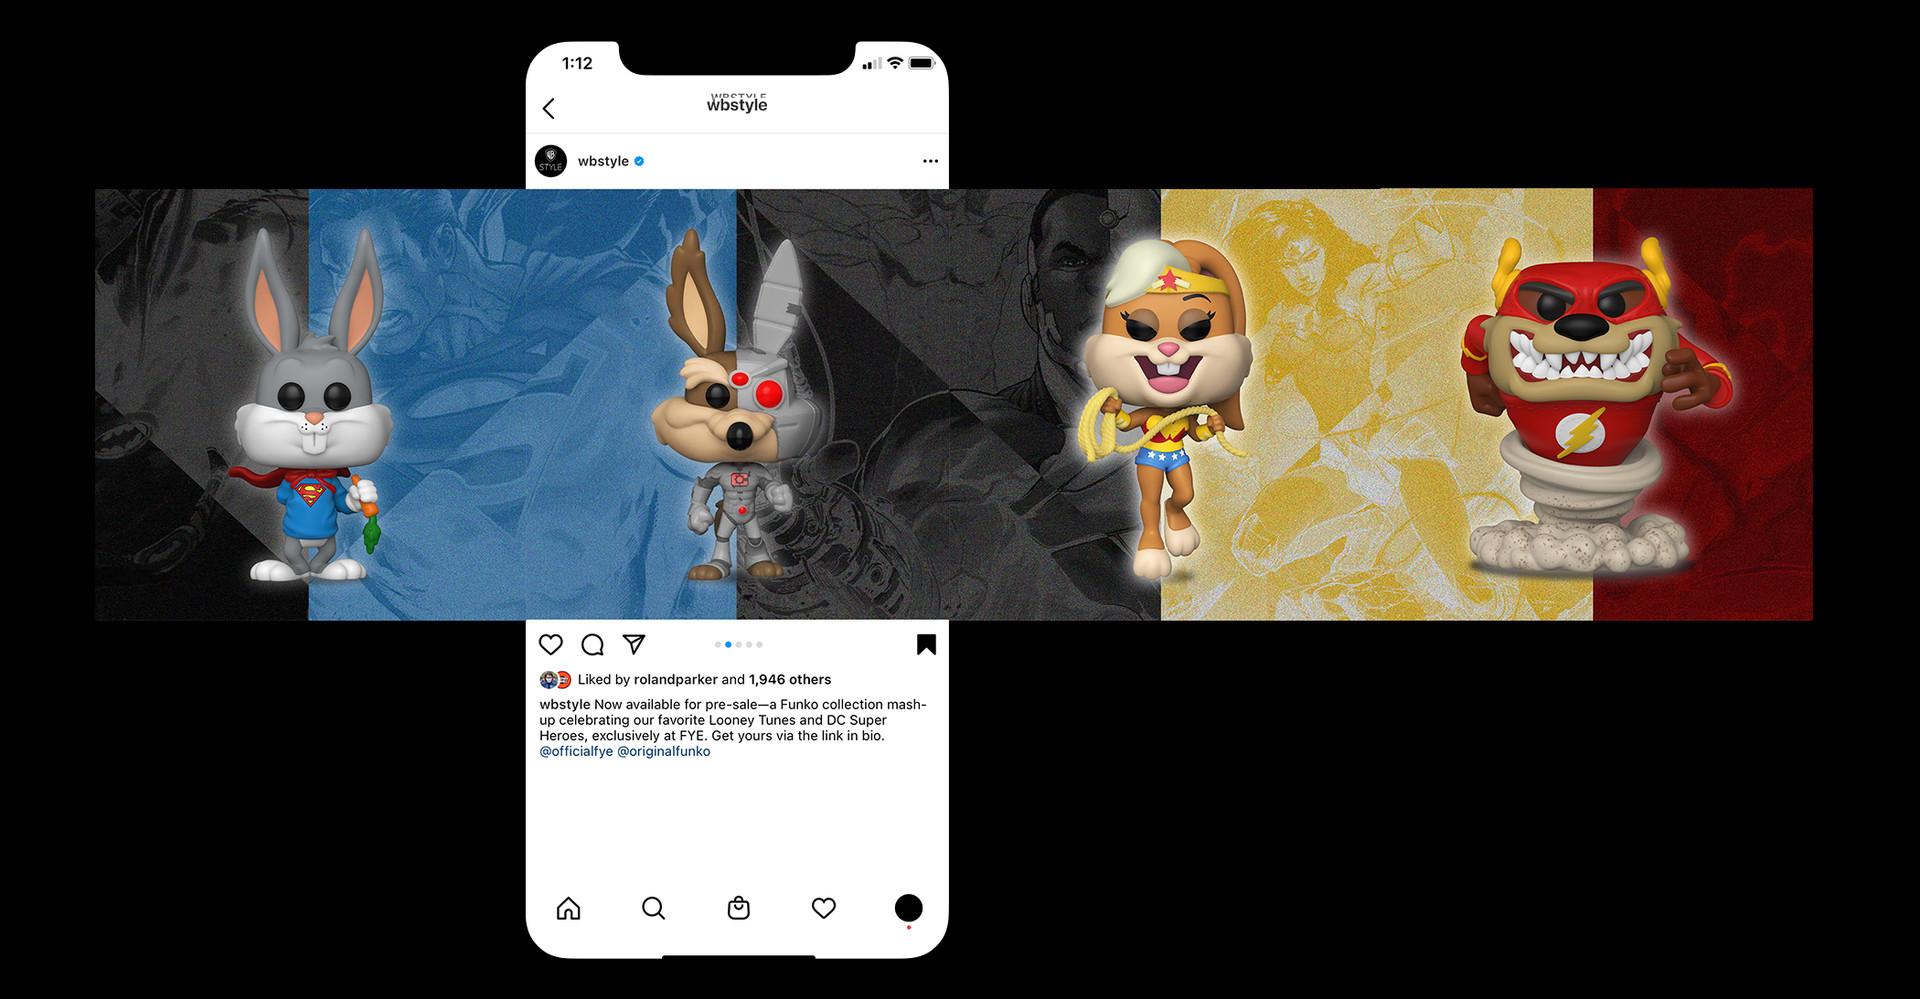 WB_Branding3 copy.jpg